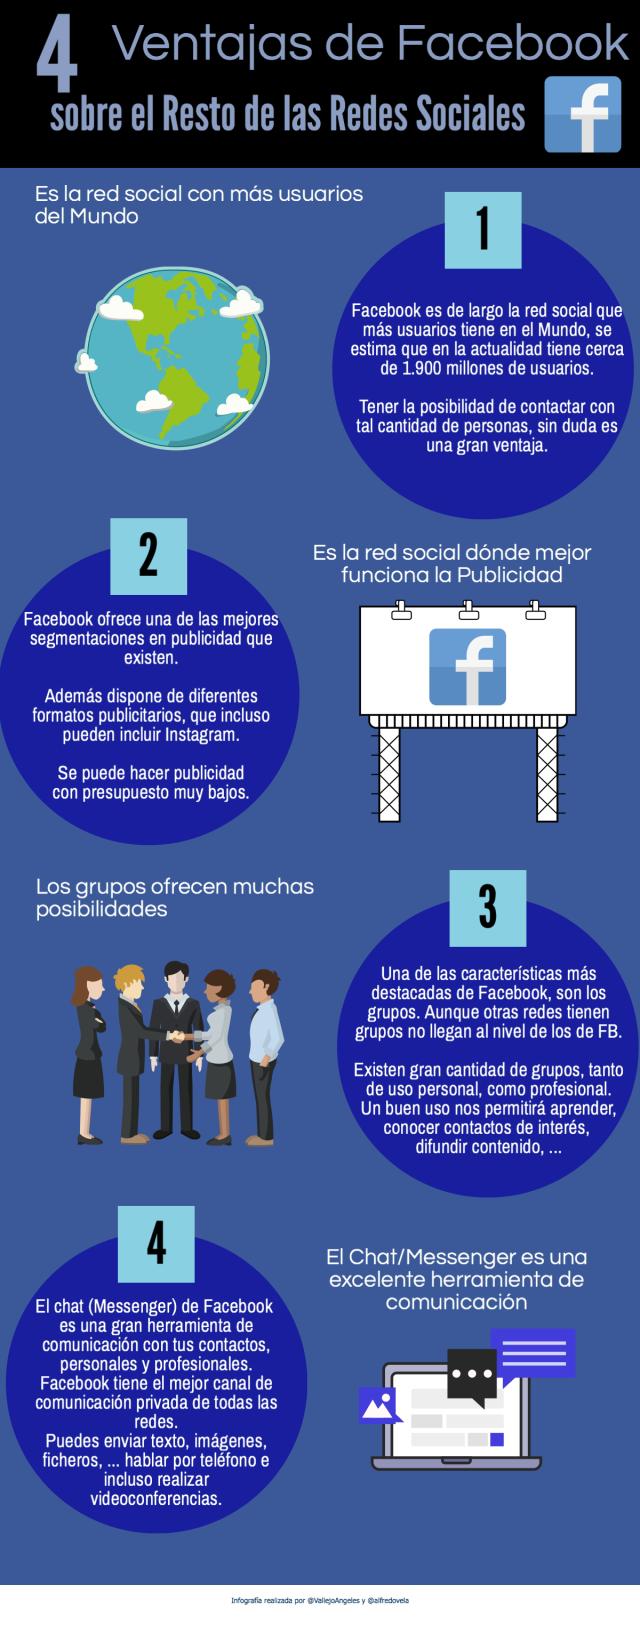 4 ventajas de Facebook sobre el resto de Redes Sociales